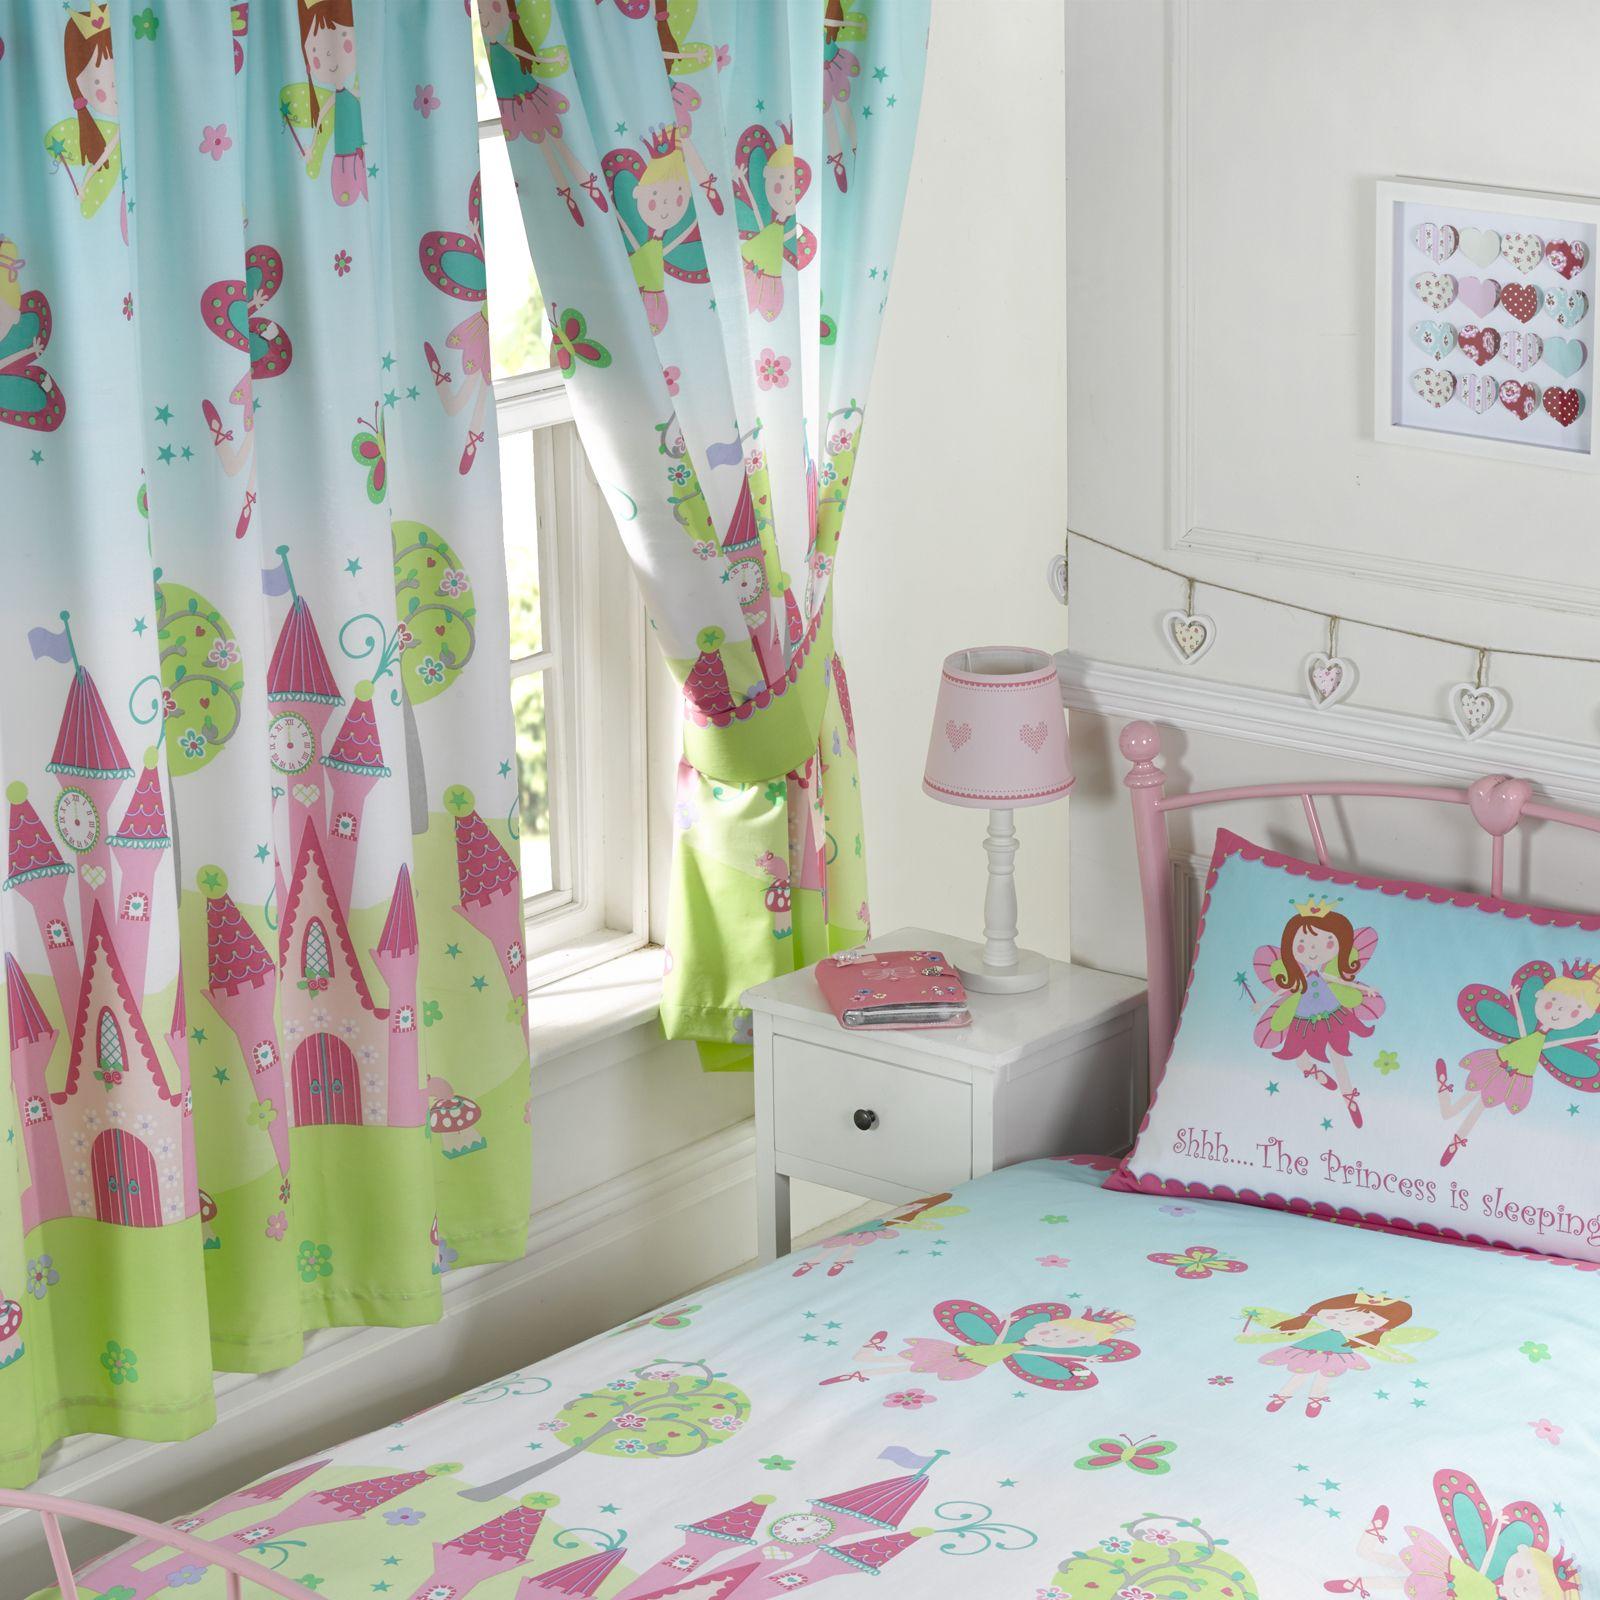 Princess Is Sleeping Bedroom